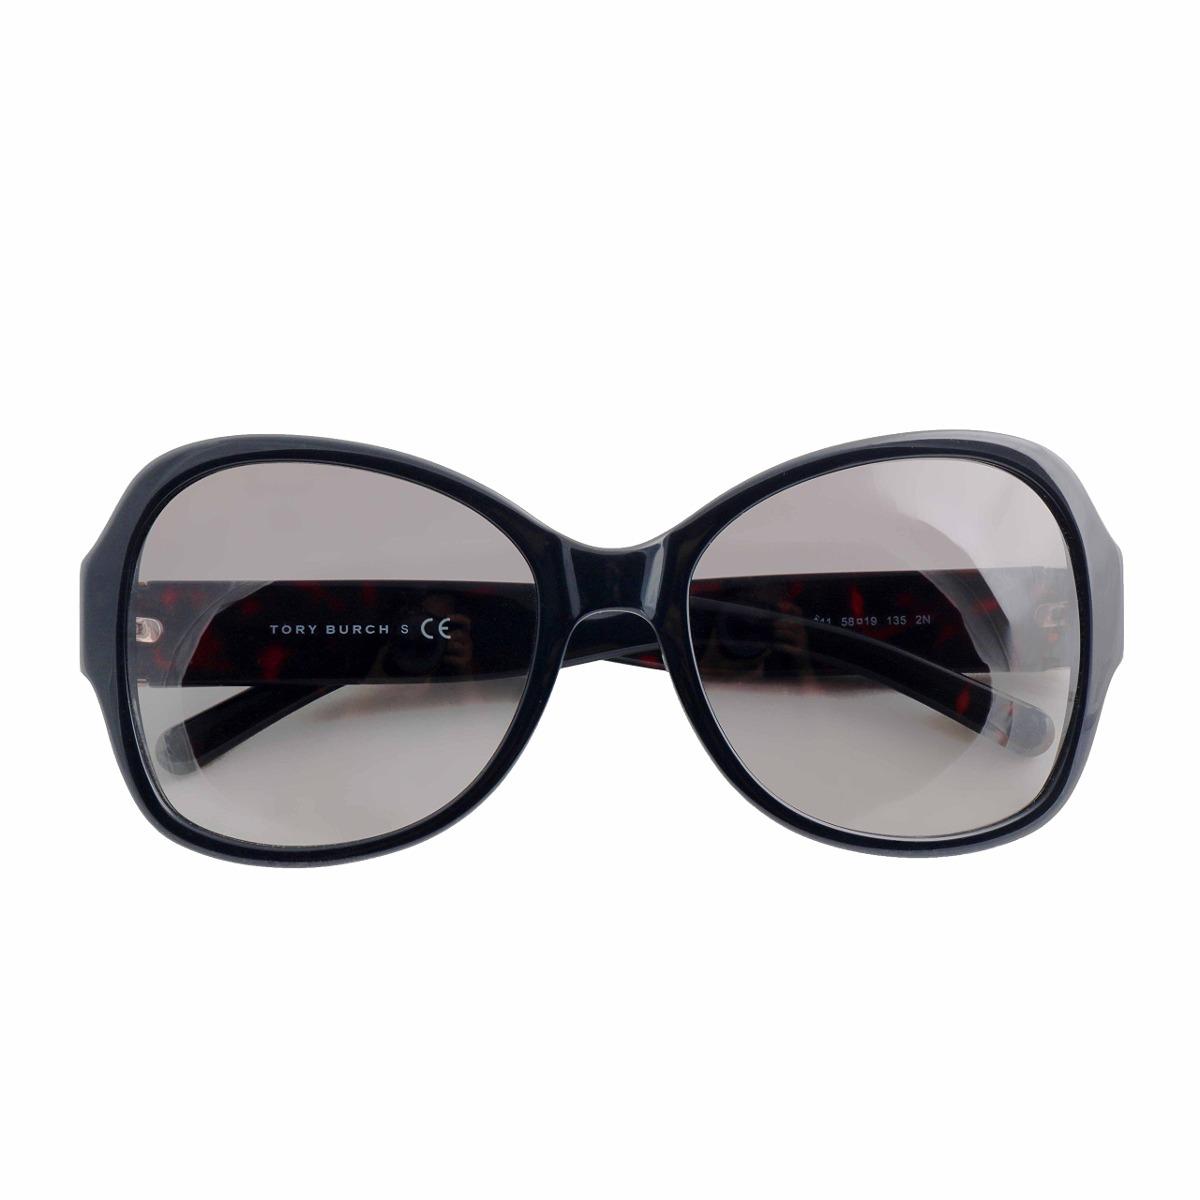 407ff4e00e gafas de sol tory burch ty7077a 134911 negro dk tortuga gris. Cargando zoom.